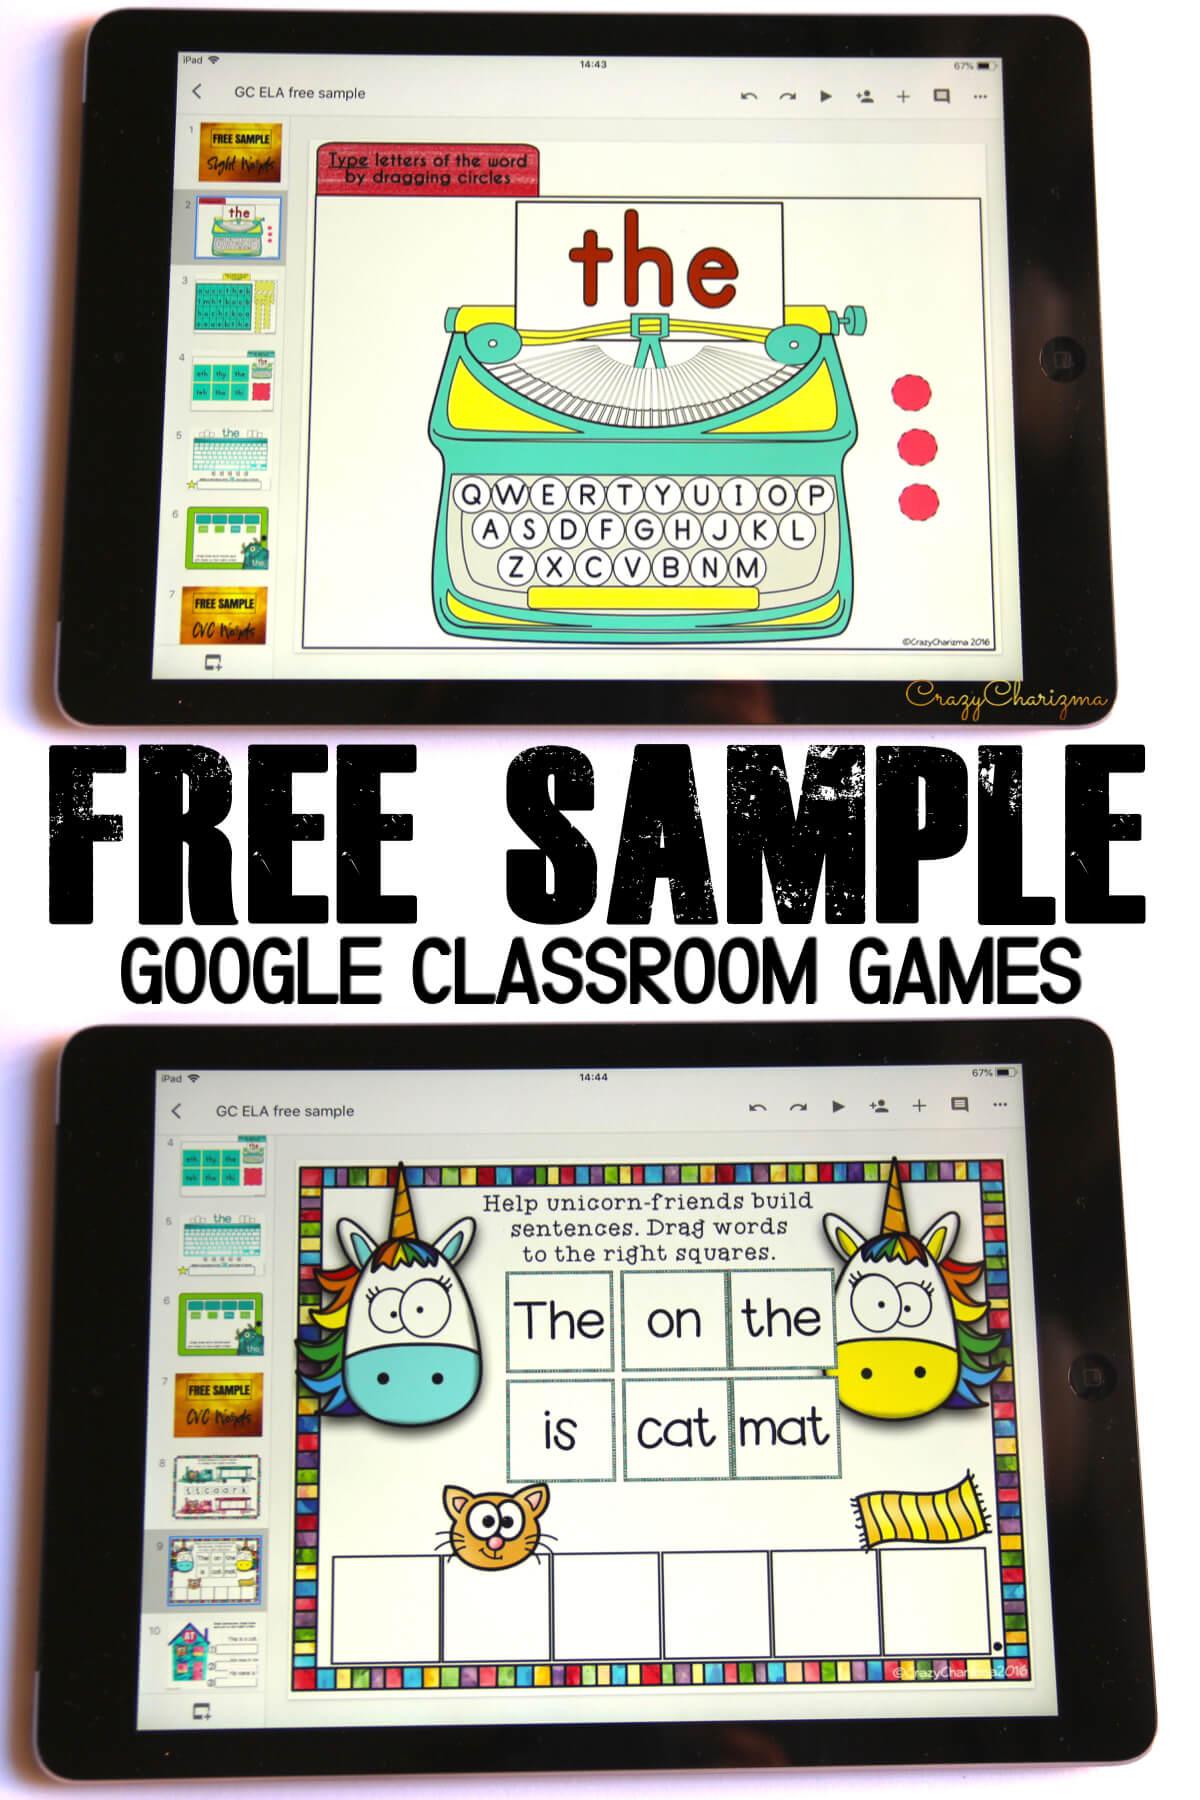 Google Classroom Activities for Kindergarten: Try these free activities! #crazycharizma #googleclassroom #googleclassroomkindergarten